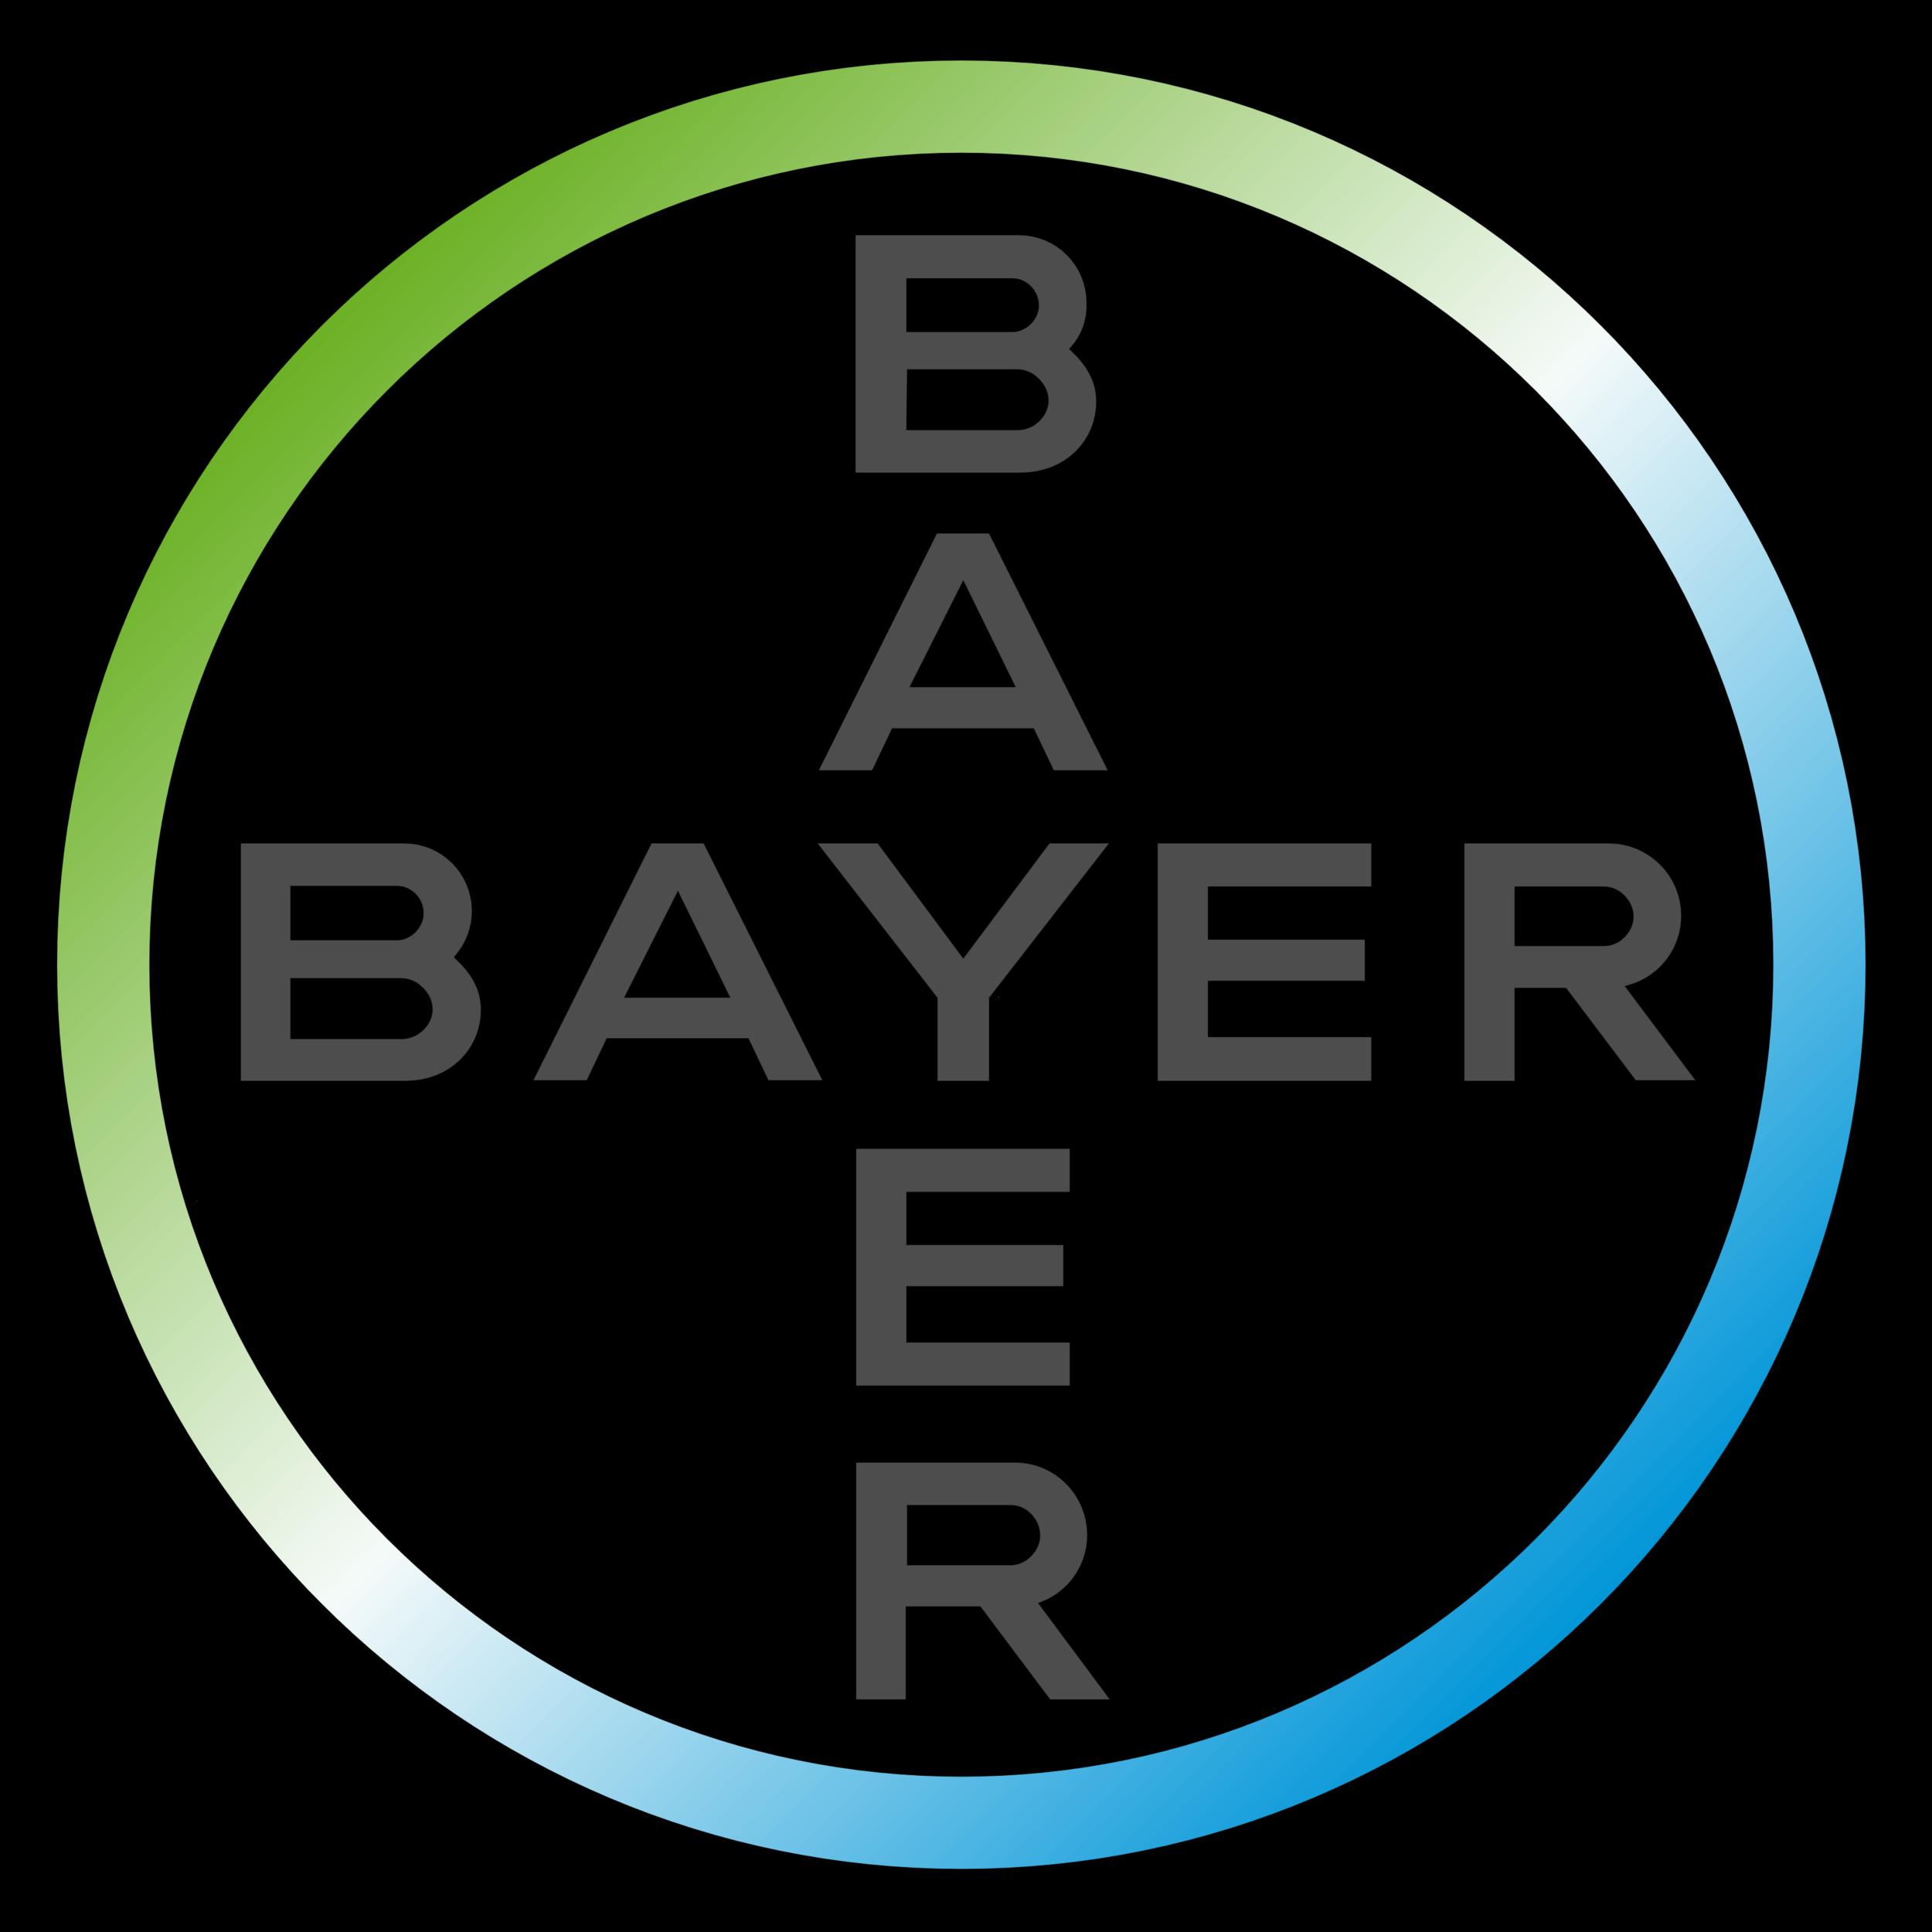 Bayer_logo_logotype.png